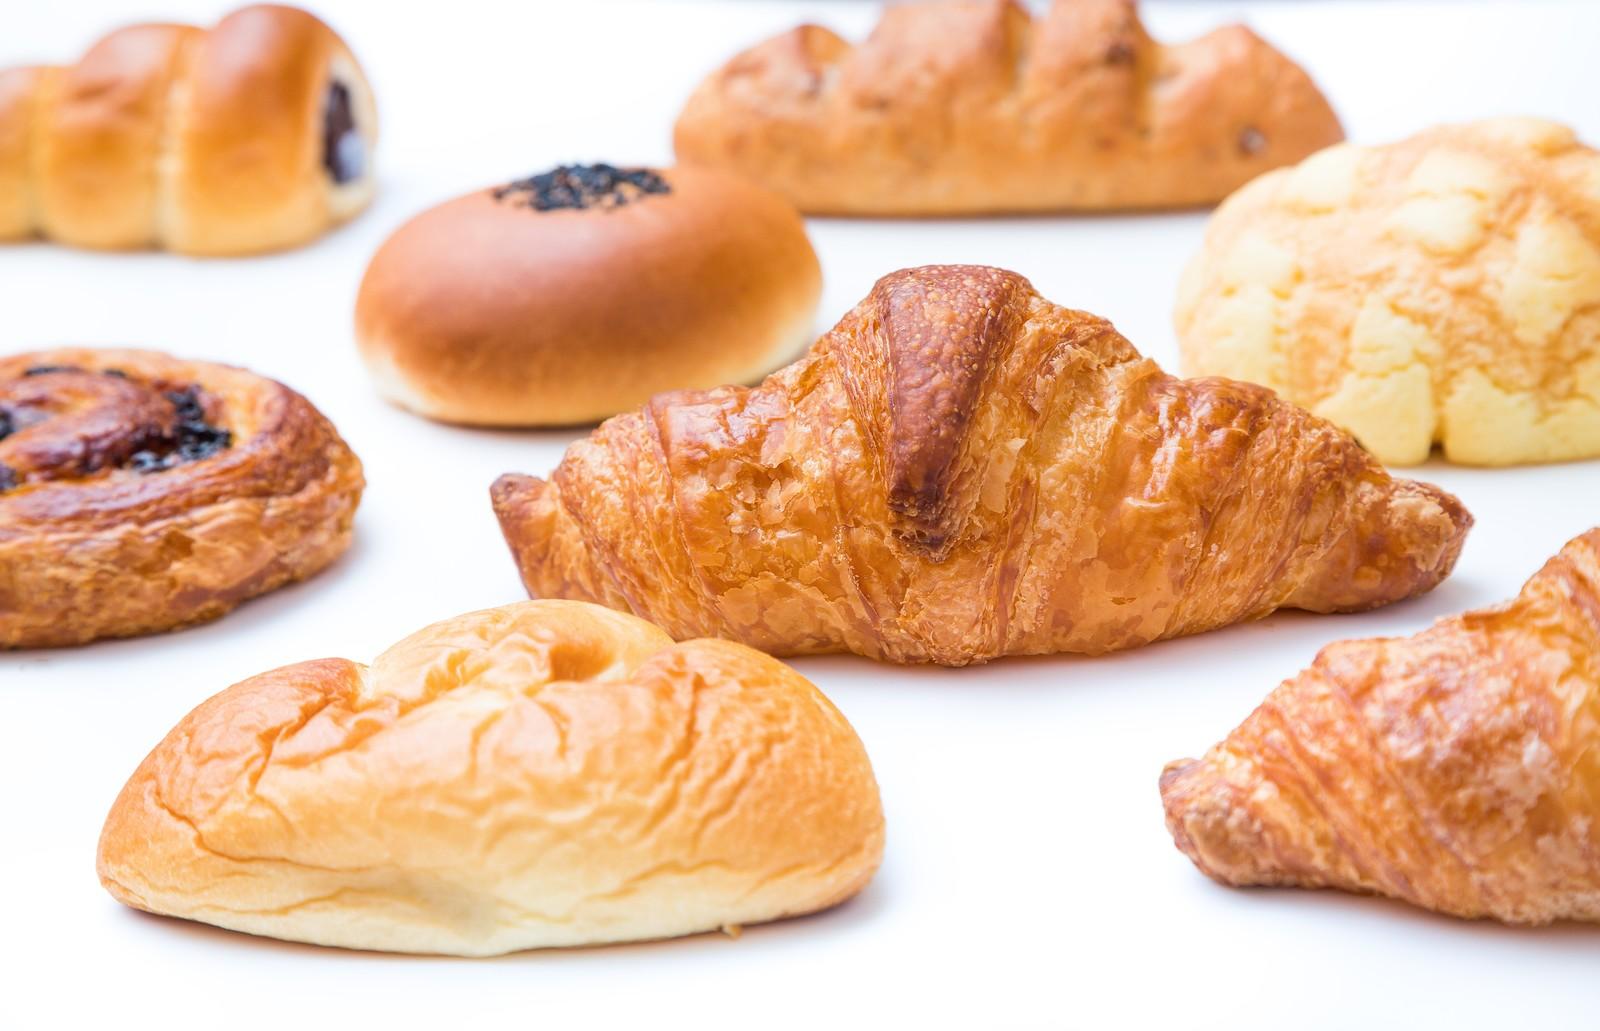 菓子パン・クロワッサン・メロンパン・チョココロネ・クリームパン・あんぱん